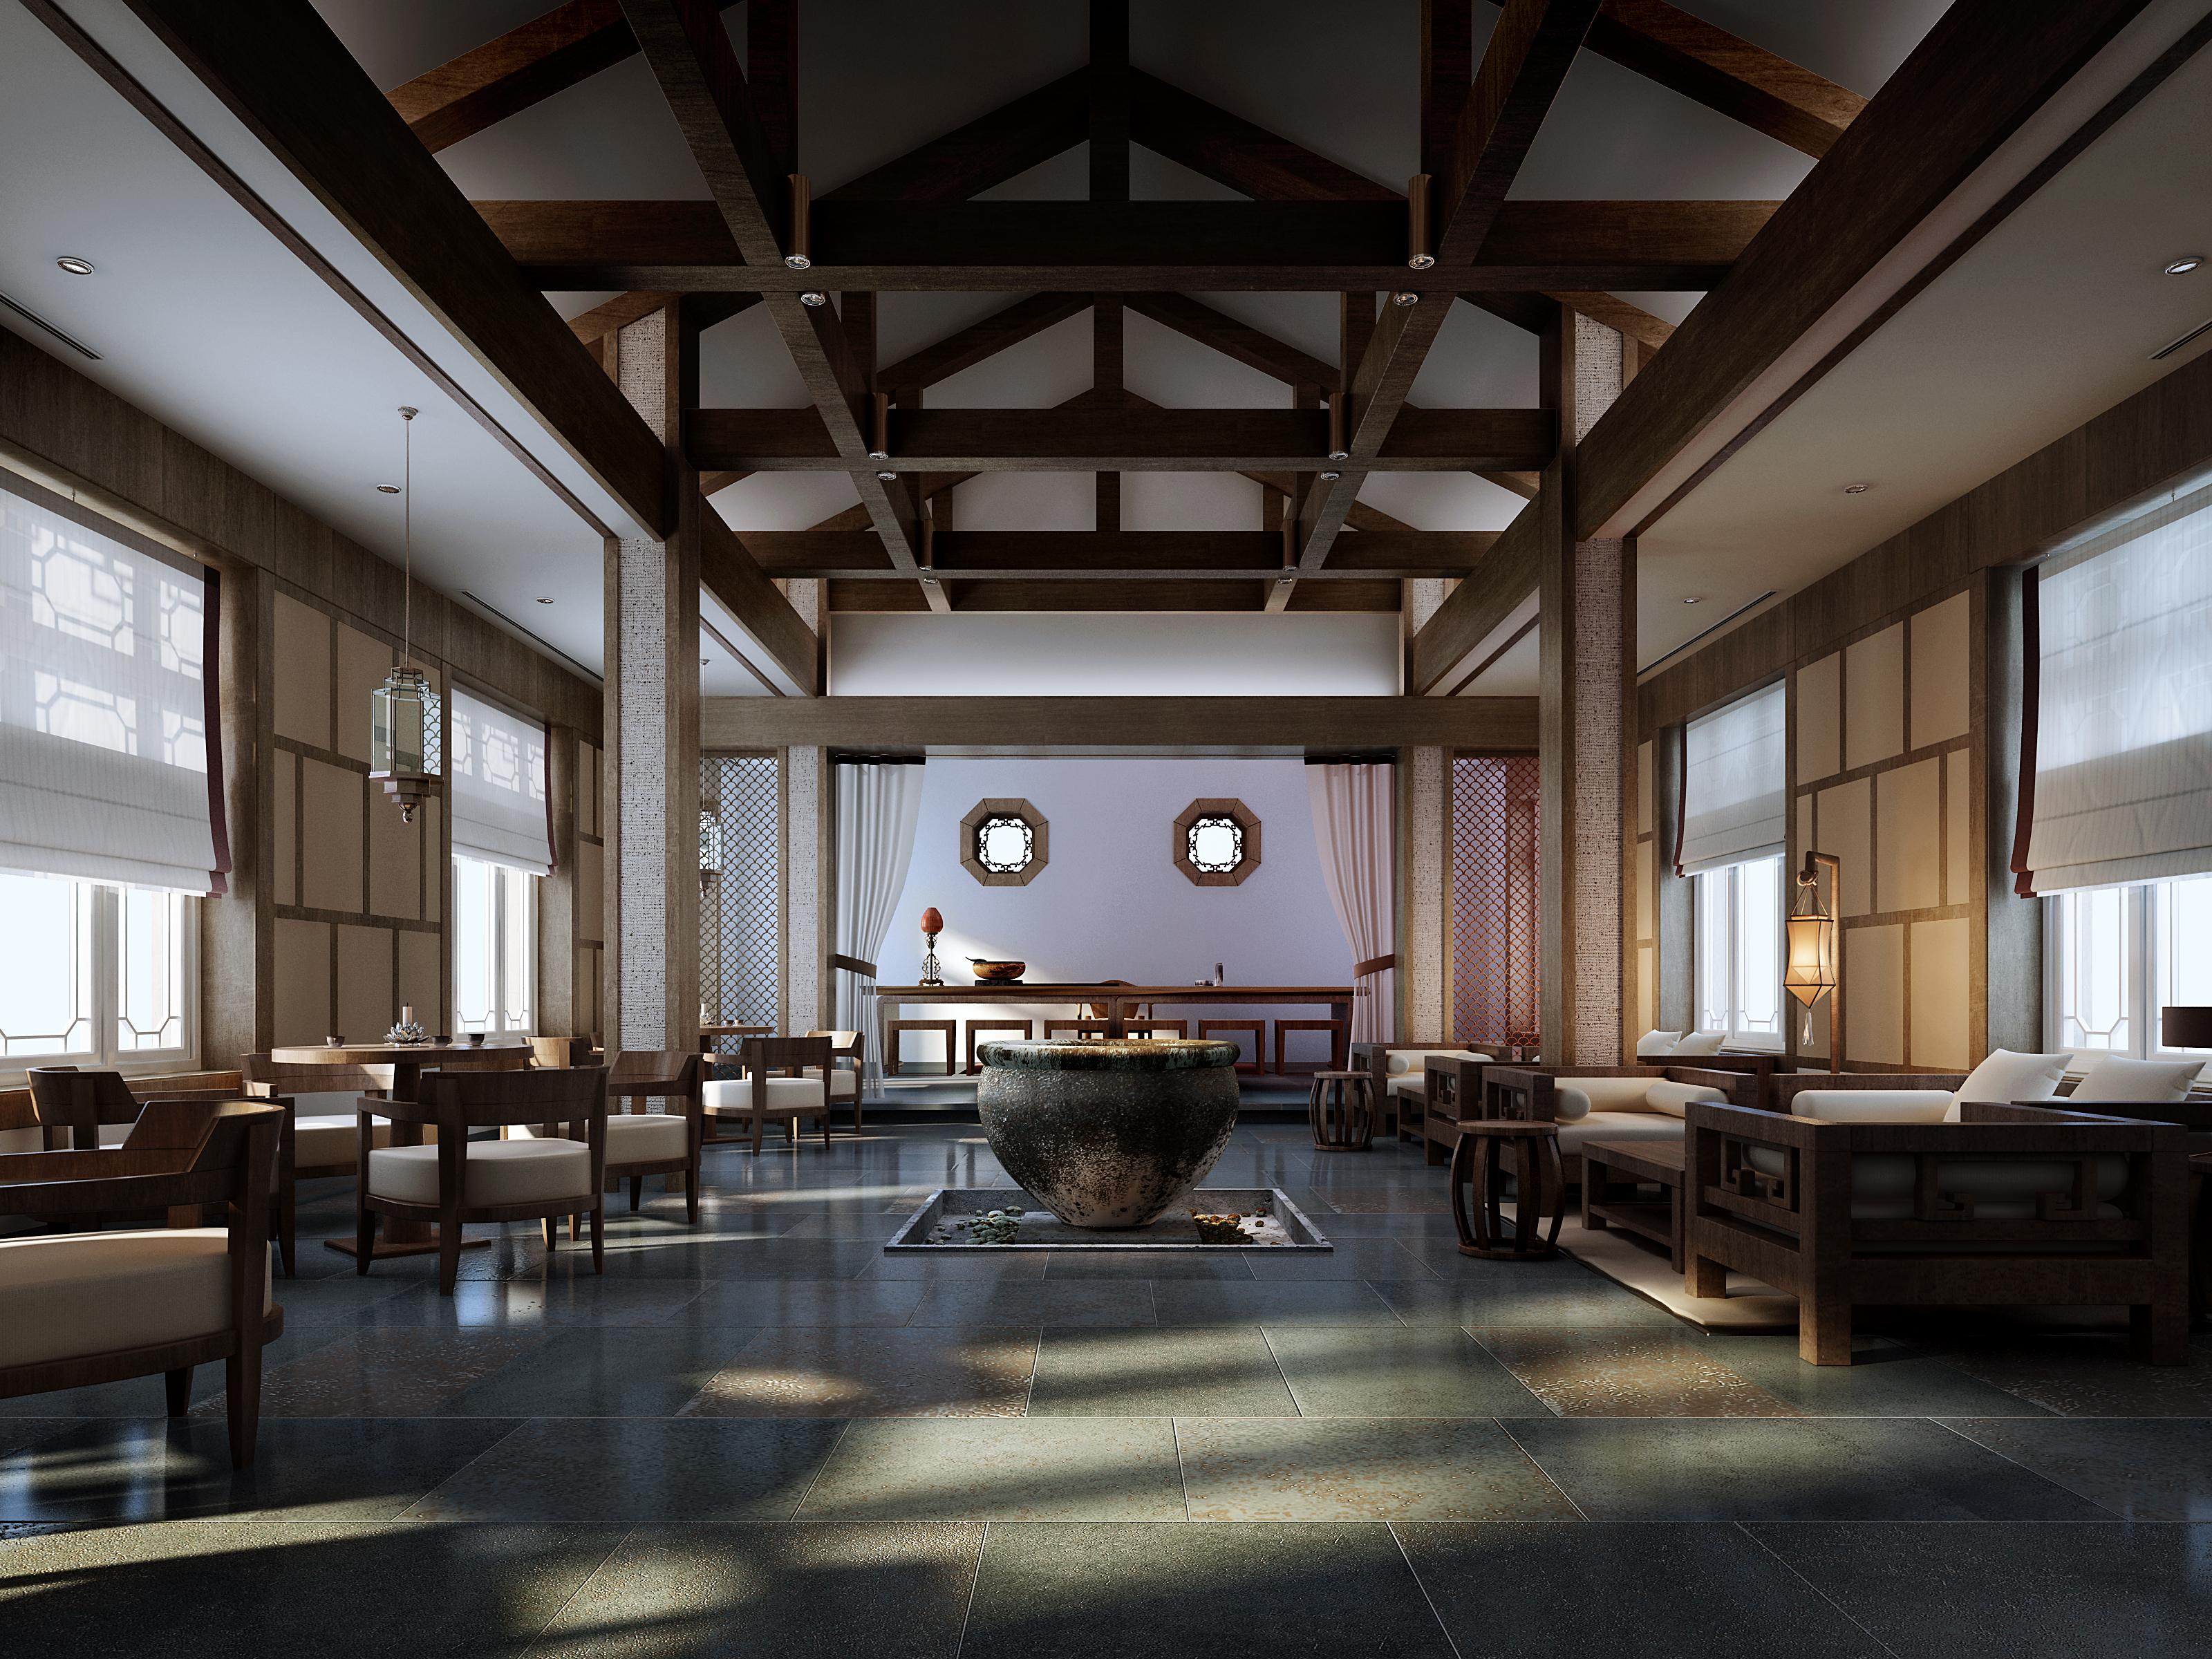 [说明]中式公司v公司成都装修通辽室内设计餐厅图片